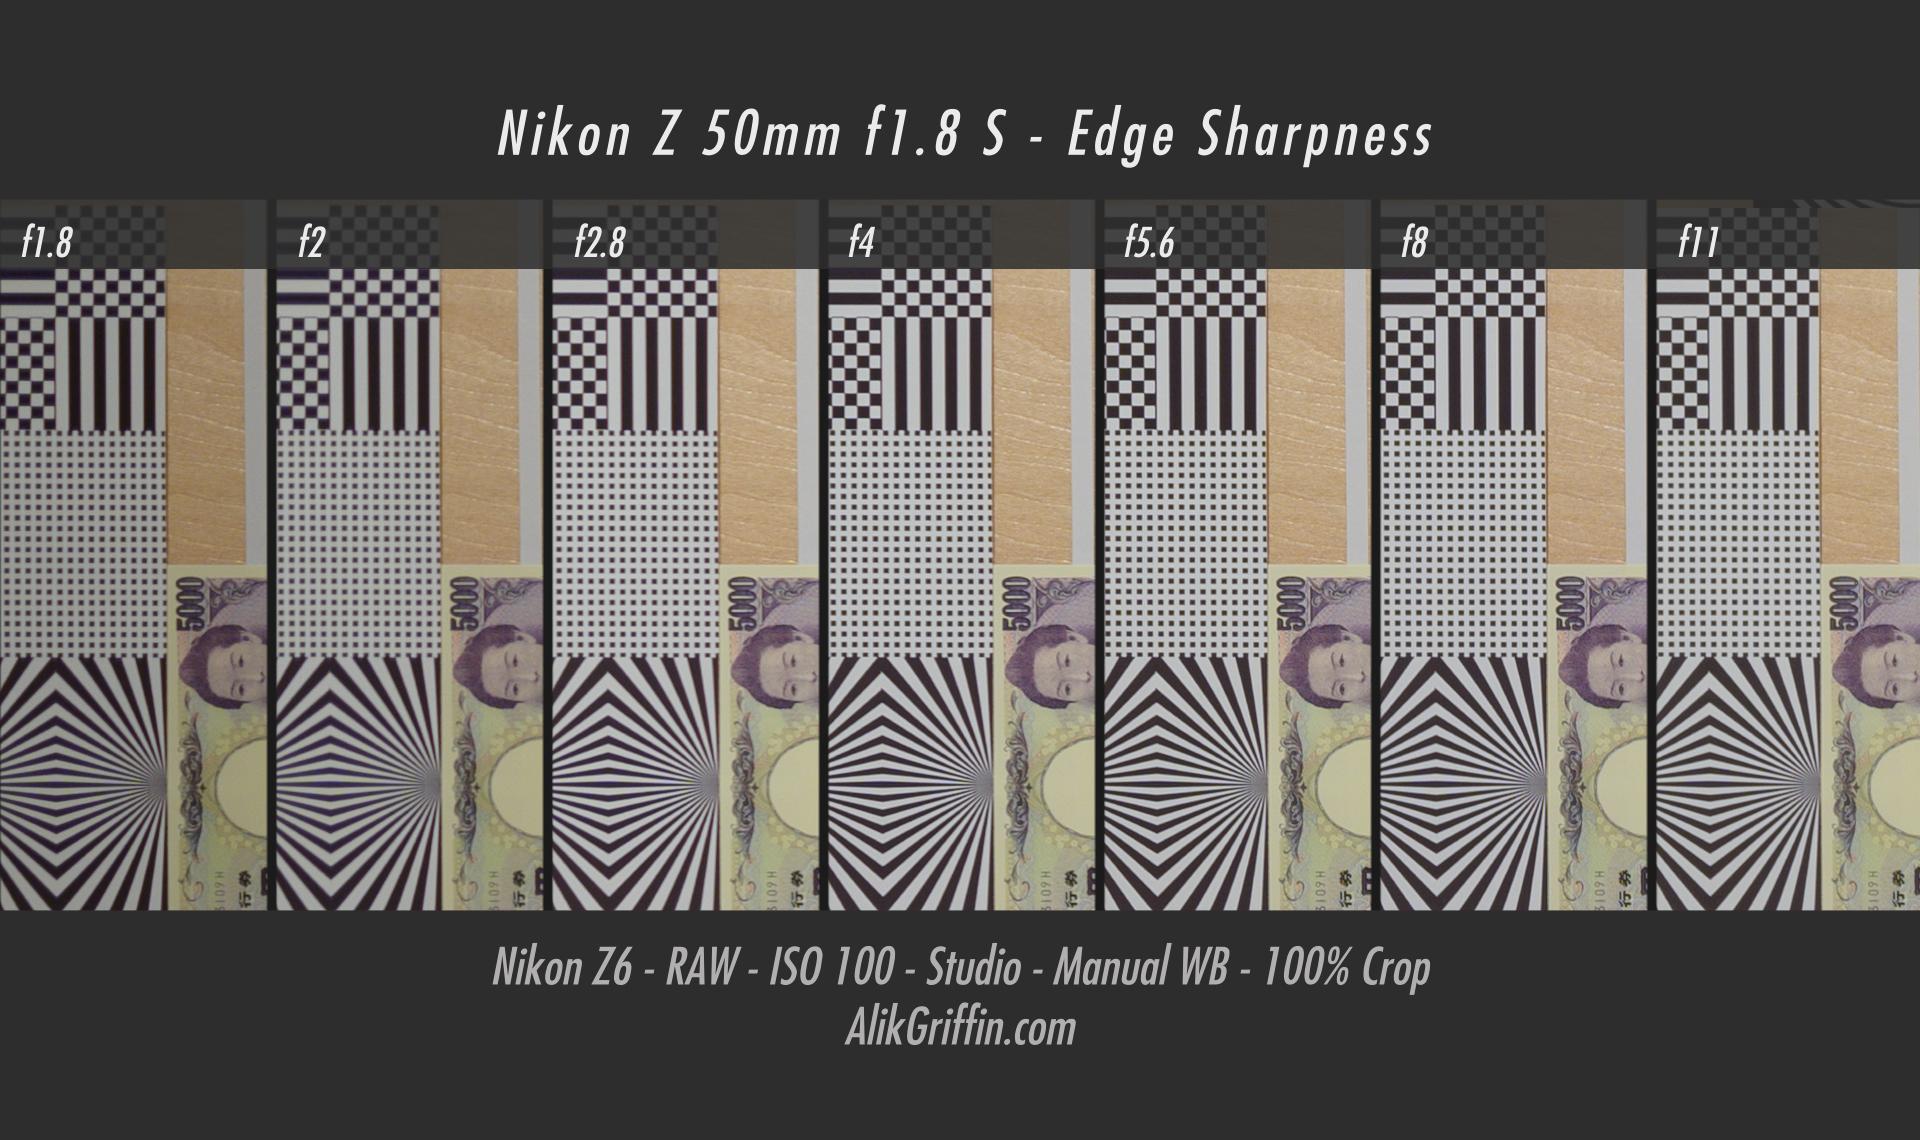 Nikon 50mm f1.8 S Edge Sharpness